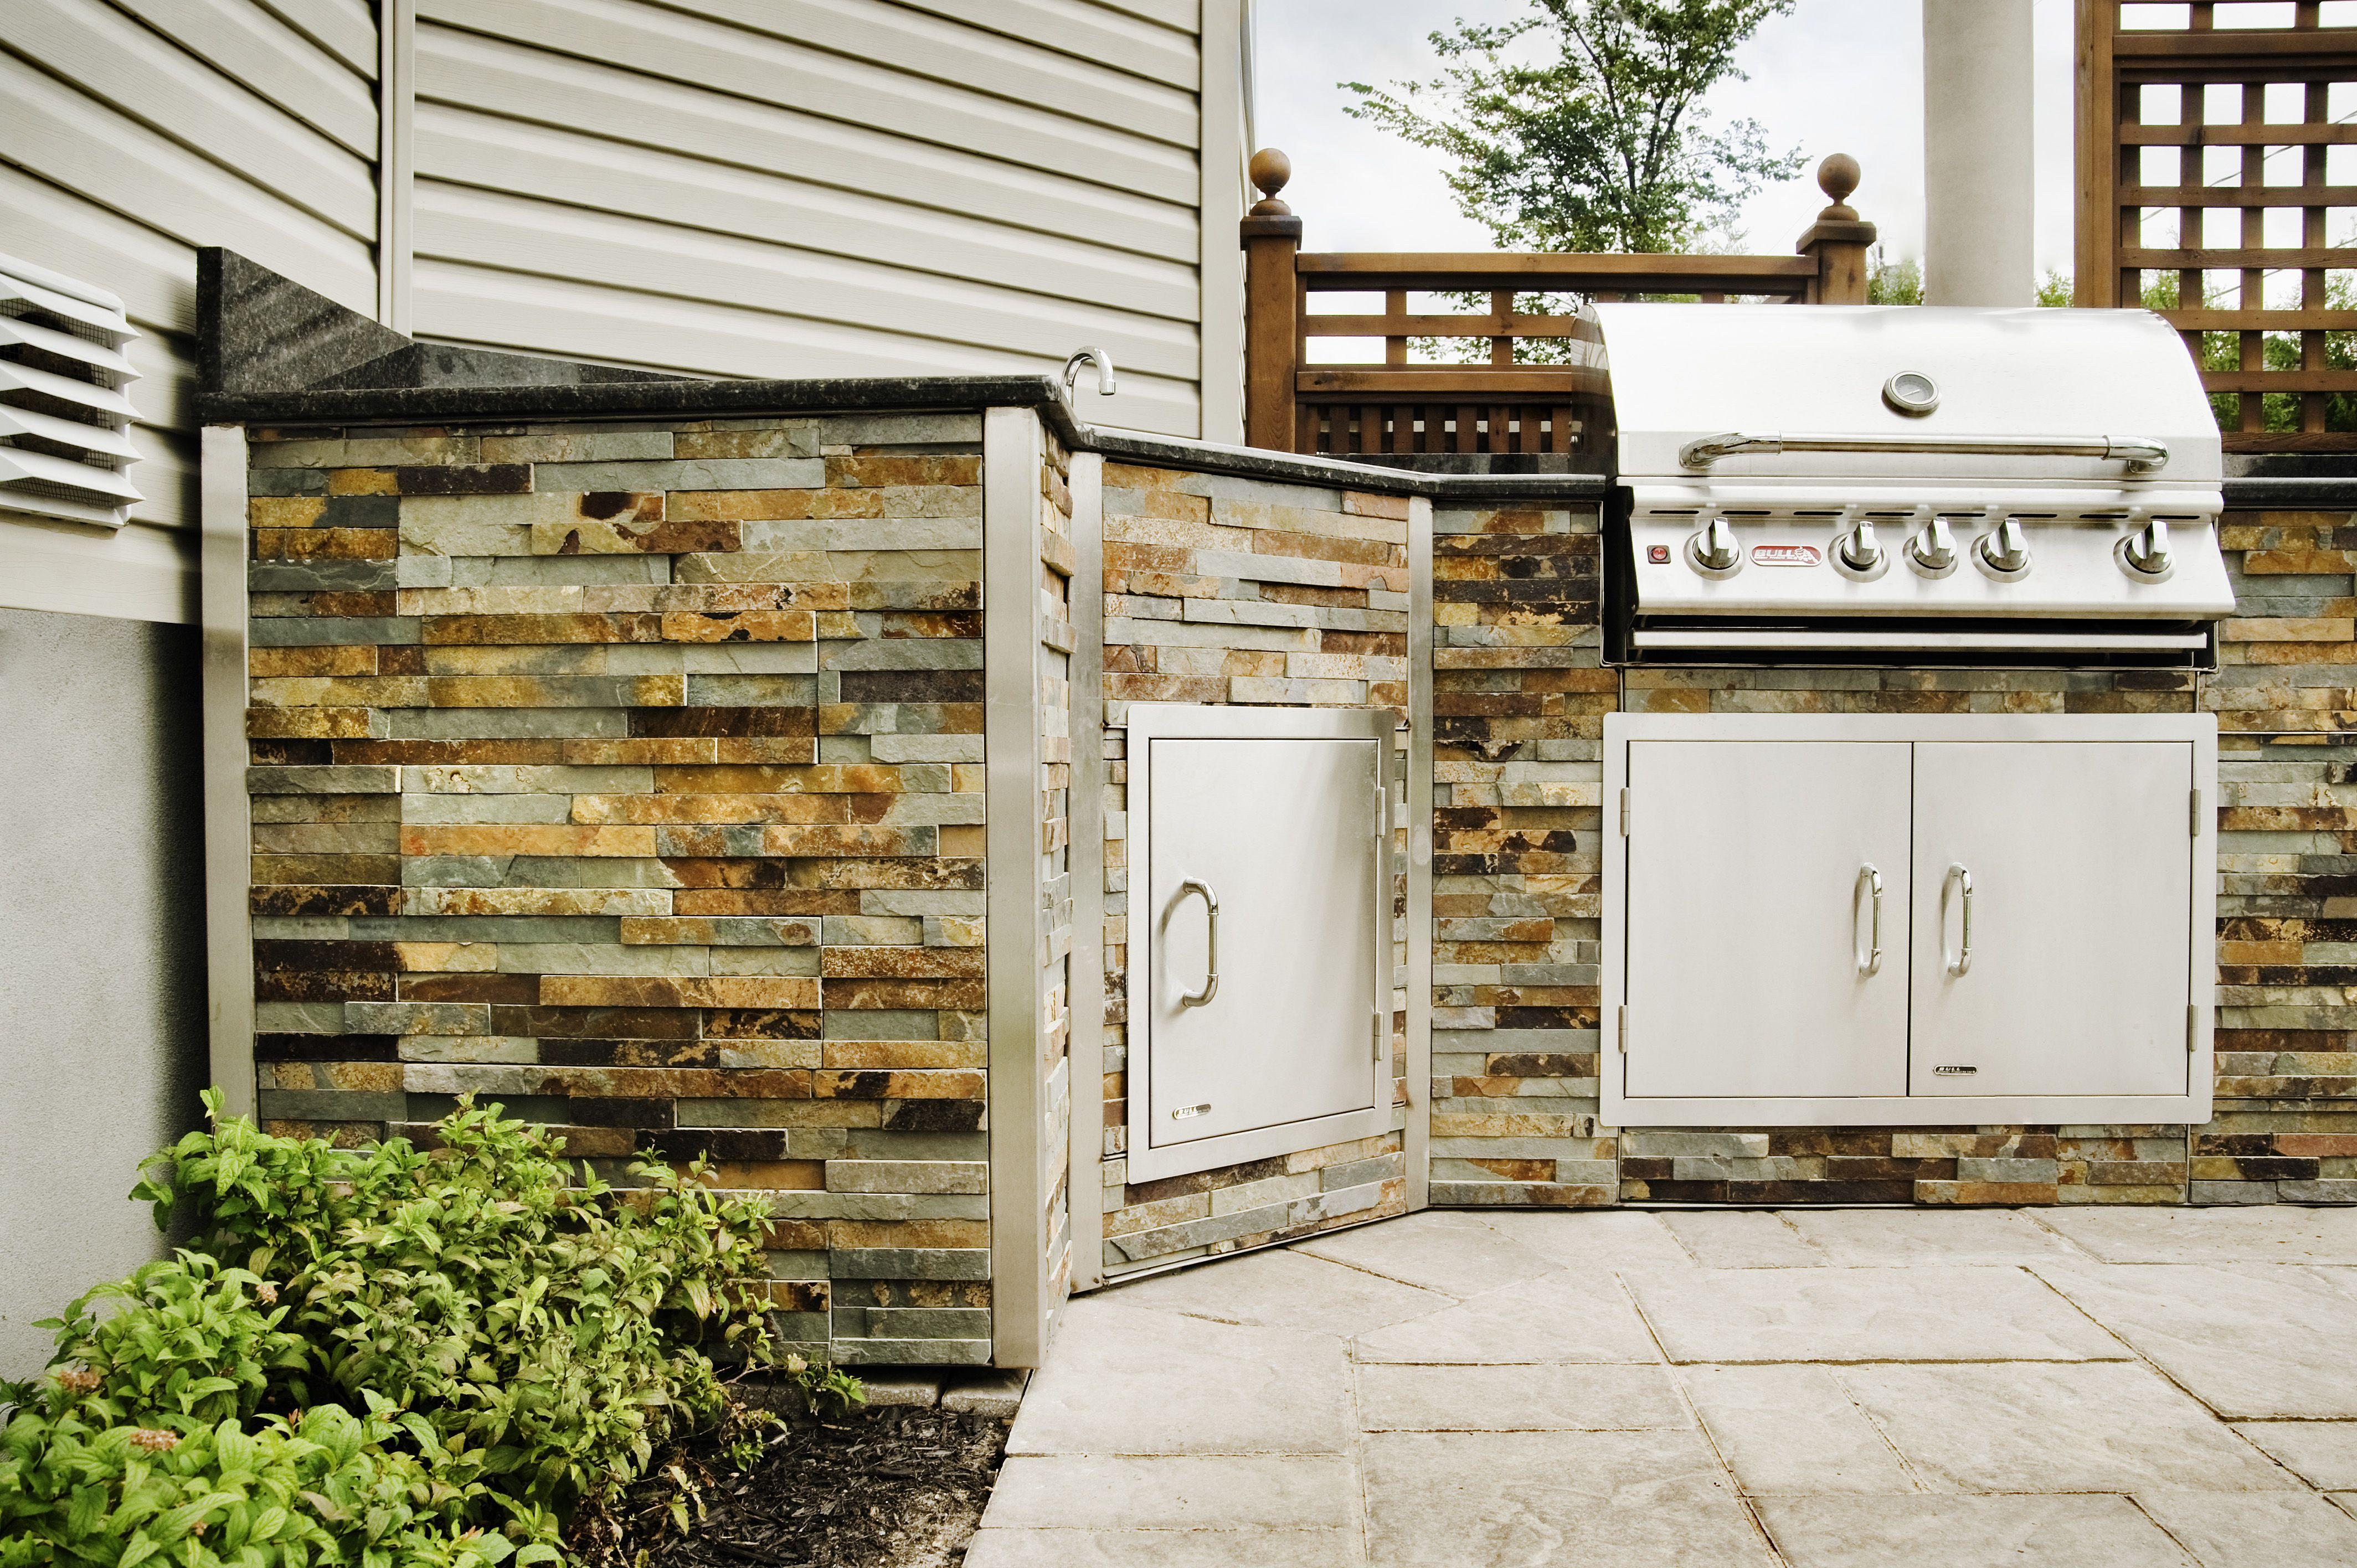 Cuisine Exterieure En Pierre cuisine extérieure en pierre avec bbq en acier inoxydable